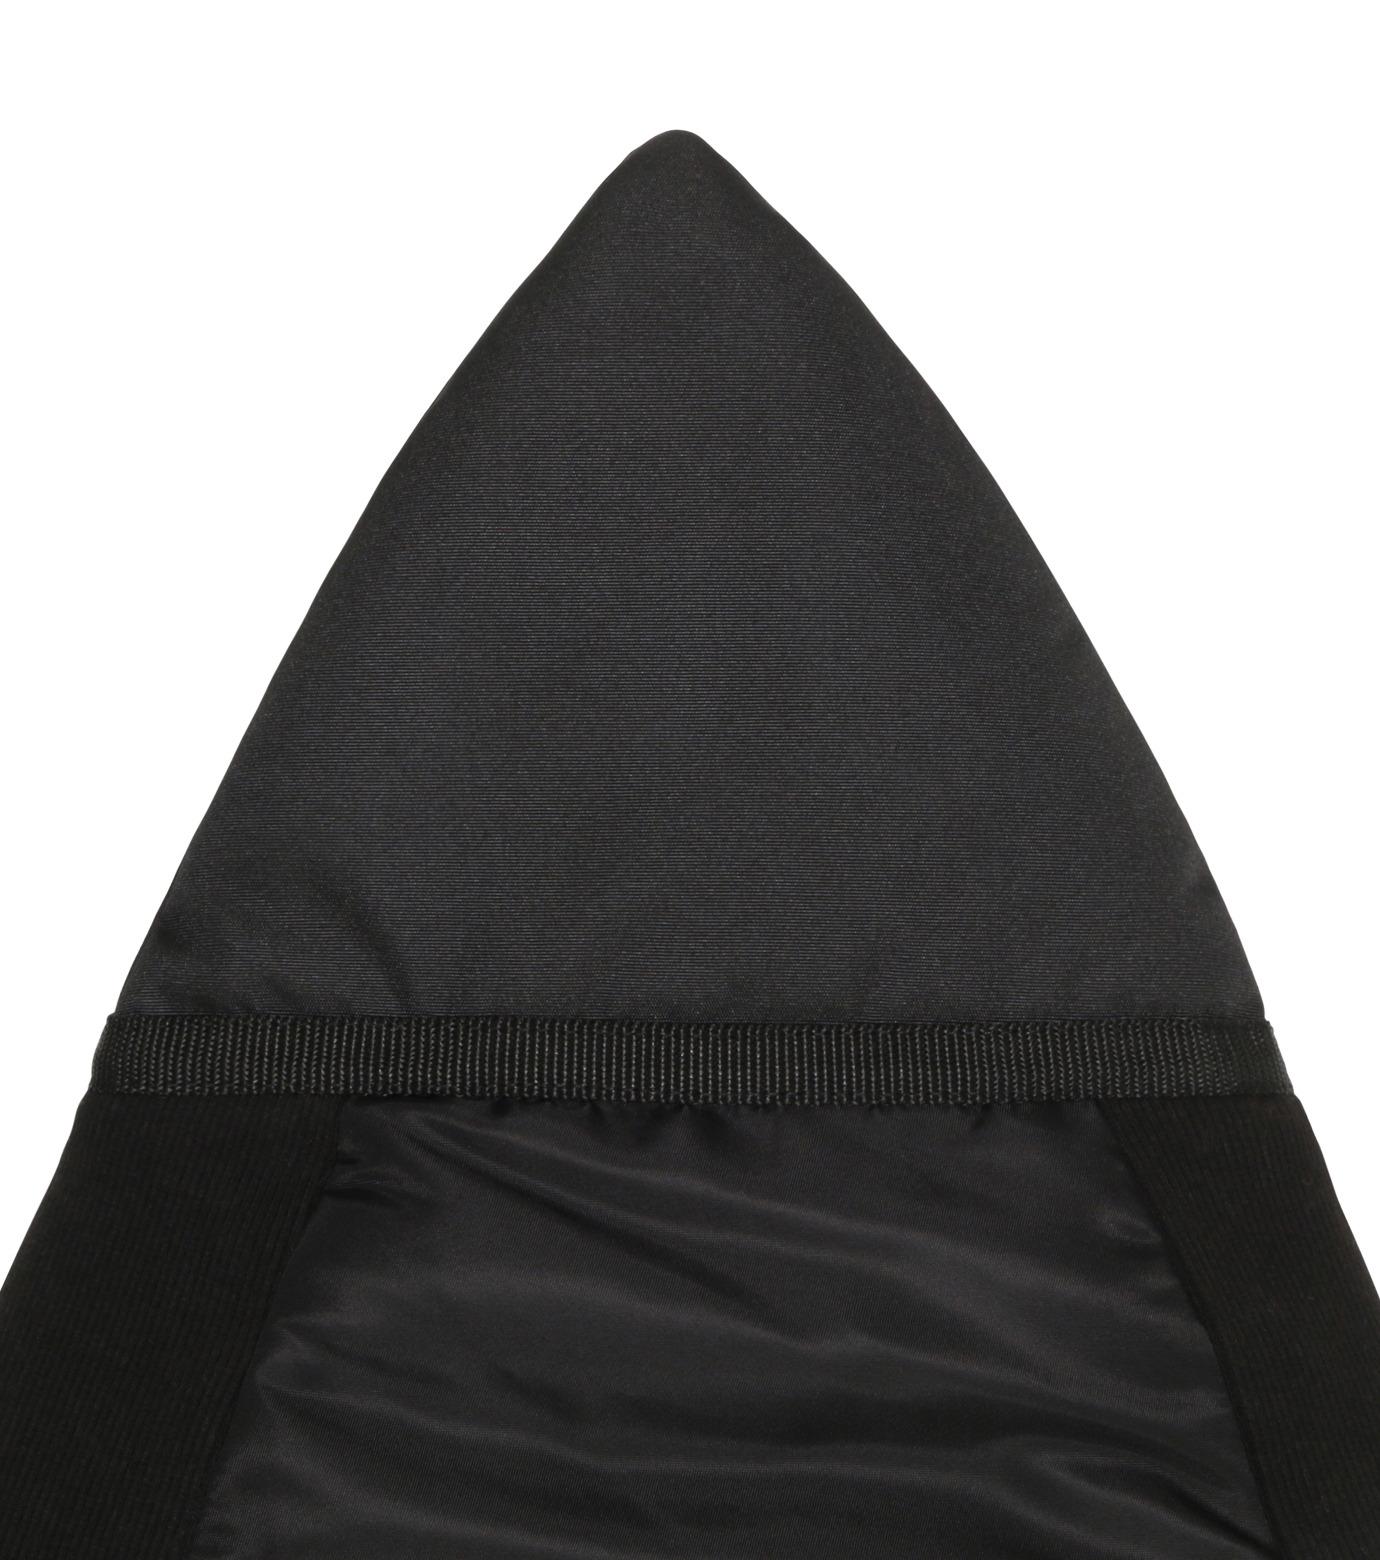 HEY YOU !(ヘイユウ)のSurfboard Jacket Retro-BLACK(サーフ/OUTDOOR/surf/OUTDOOR)-18S90010-13 拡大詳細画像2